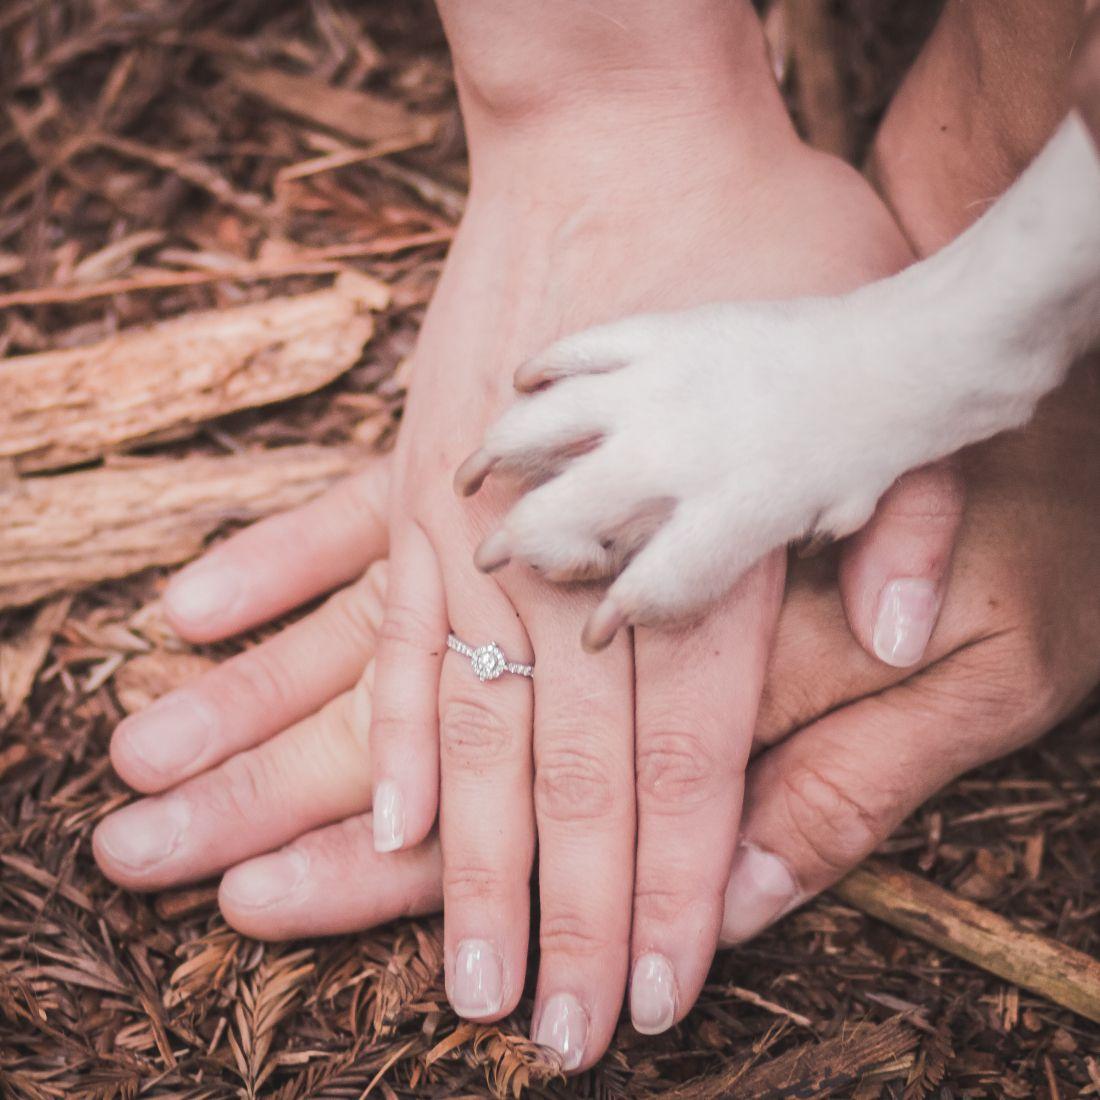 Trabajo en equipo. #preboda #wedding #mascotas #boda #bosque #forest ...